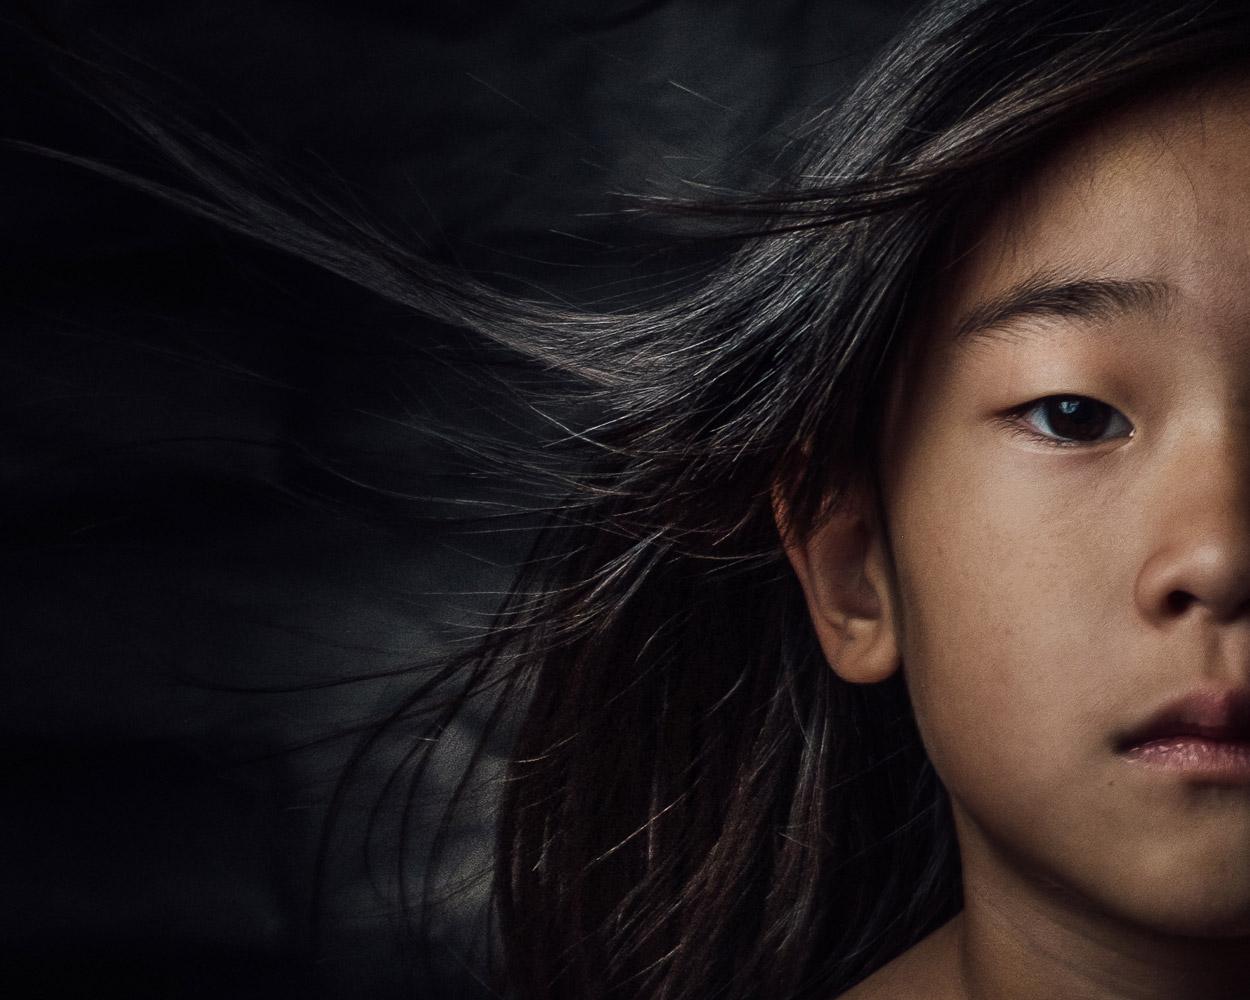 Хрупкость, © Дэйв Пэк, Лонг-Айленд-Сити, США, Финалист категории «Любитель: Младенцы / Дети», Конкурс портретной фотографии «Лица»